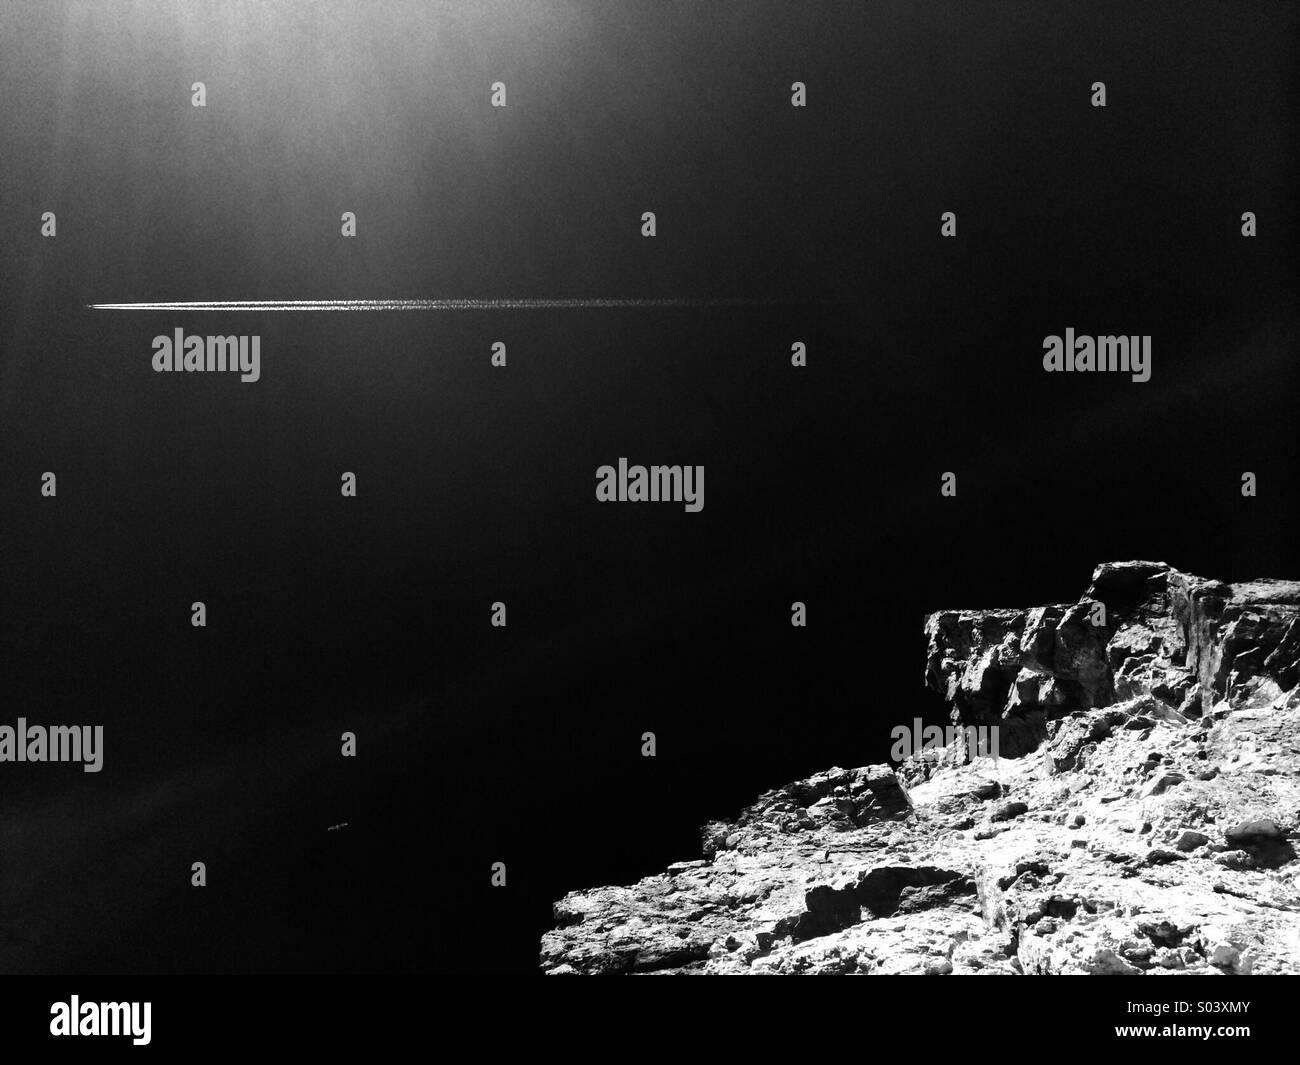 Avión en el cielo con el acantilado abajo en blanco y negro Imagen De Stock